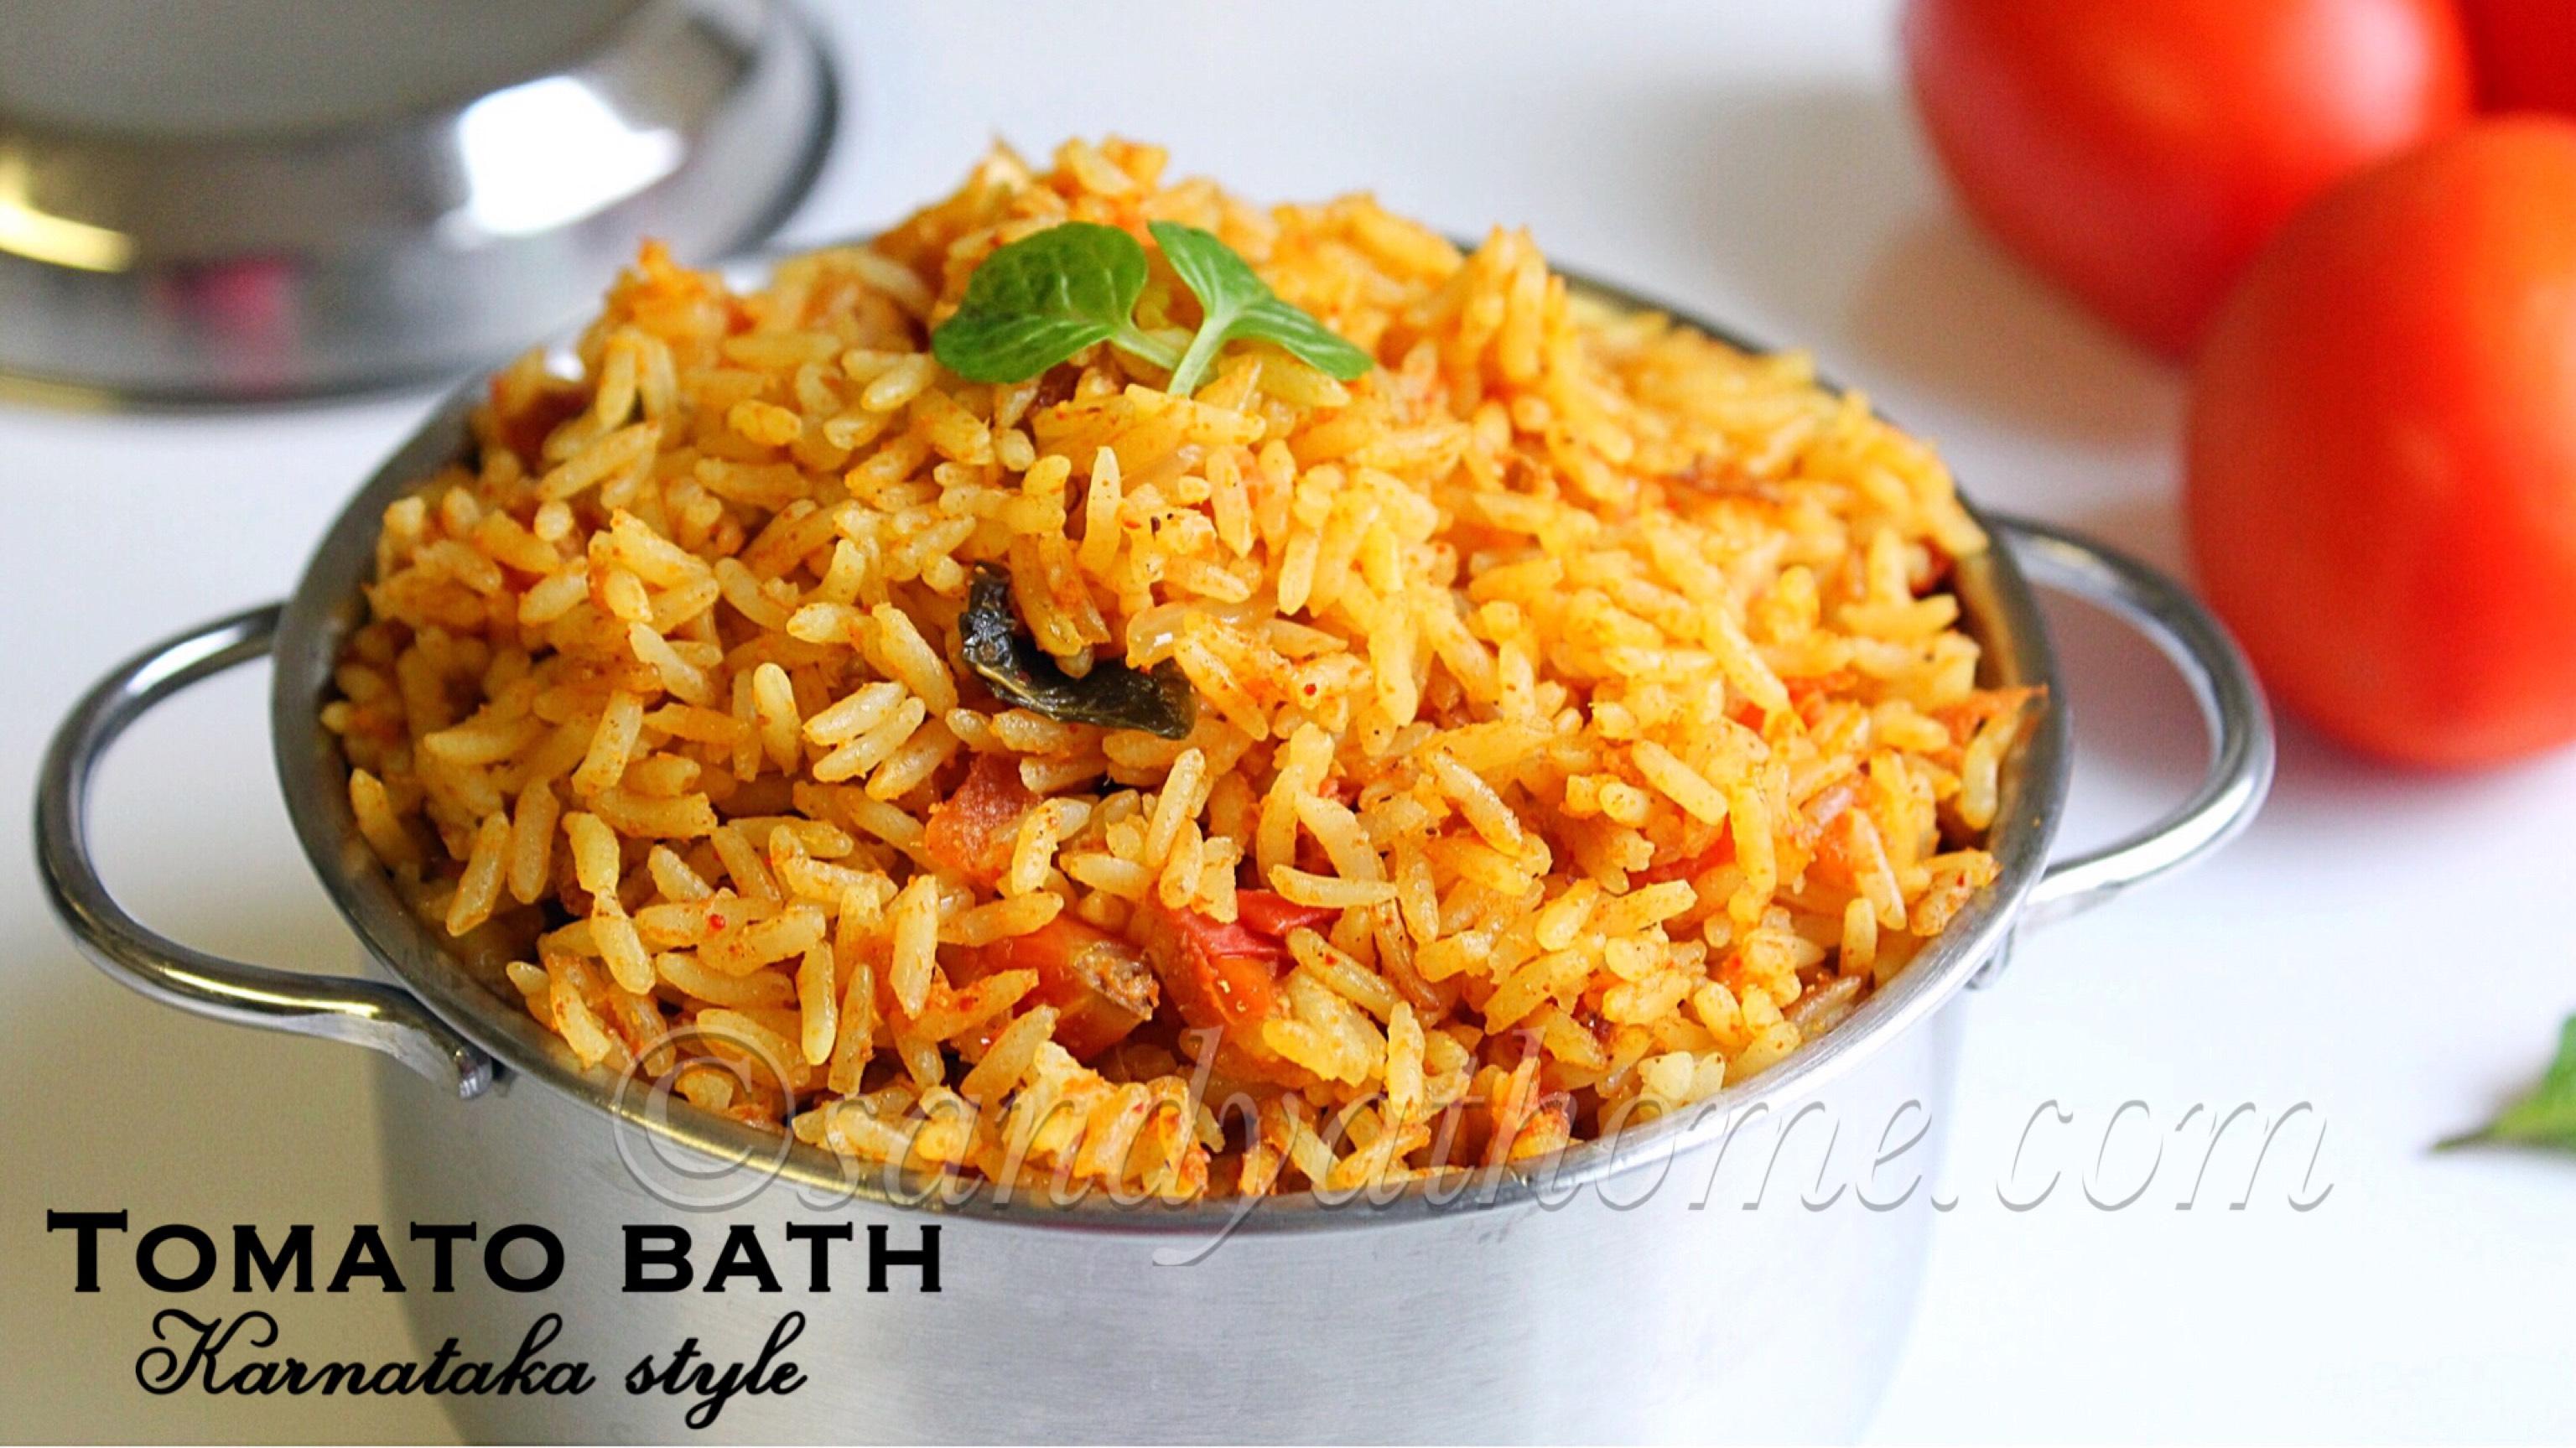 tomato bath